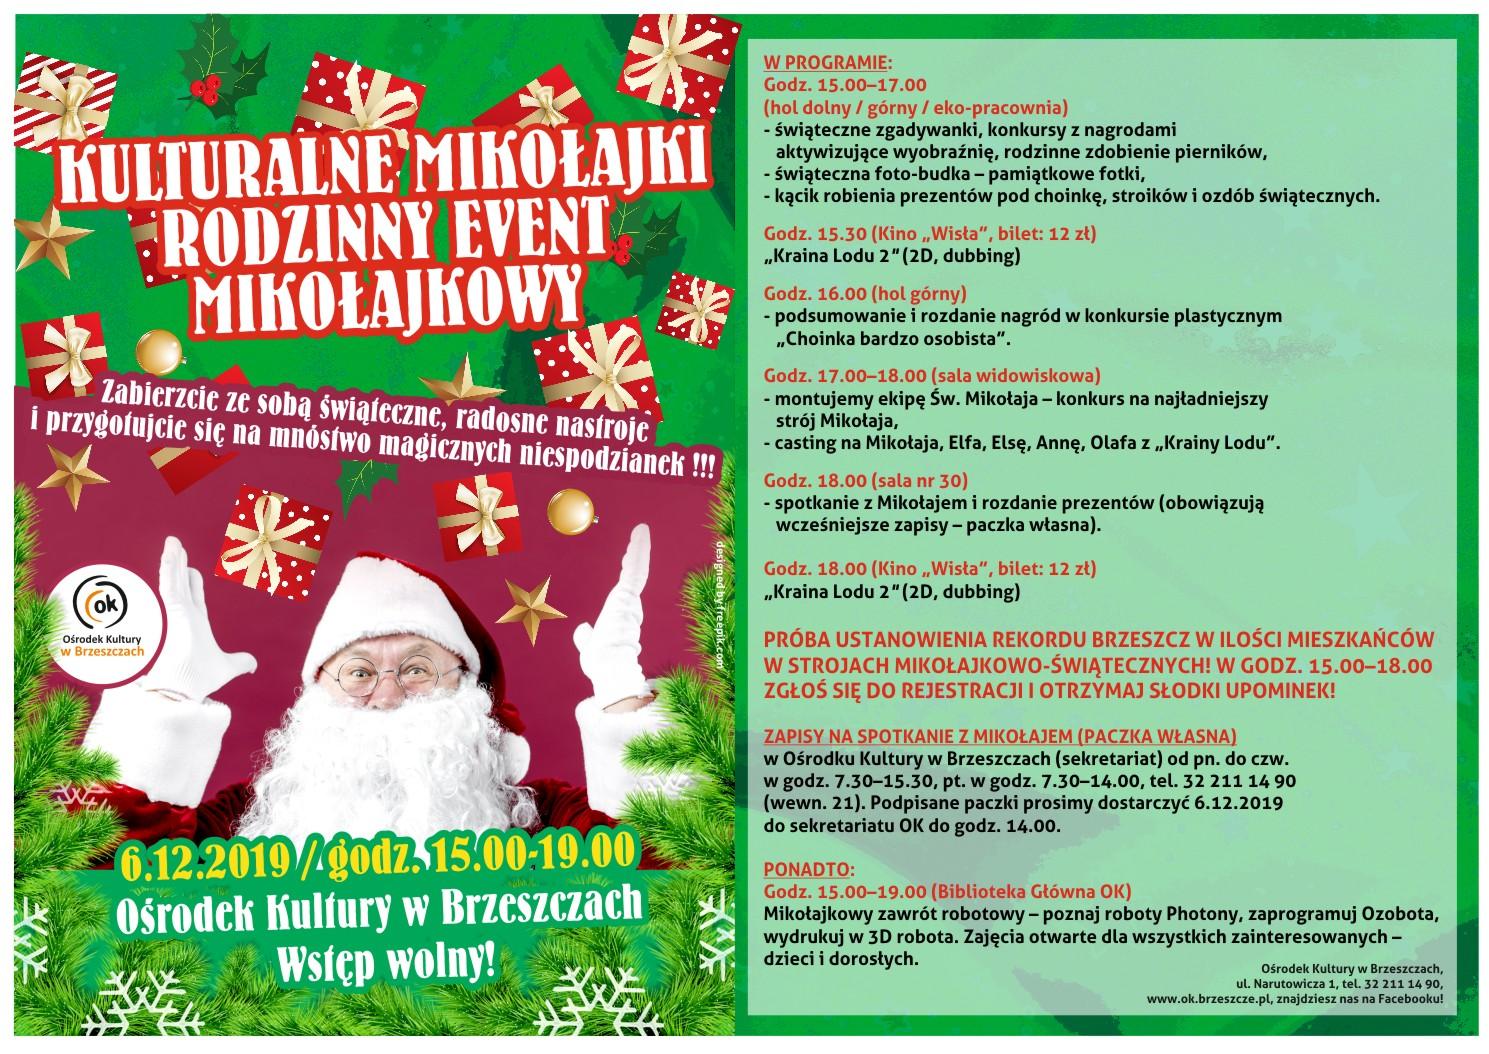 Kulturalne Mikołajki - Rodzinny Event Mikołajkowy